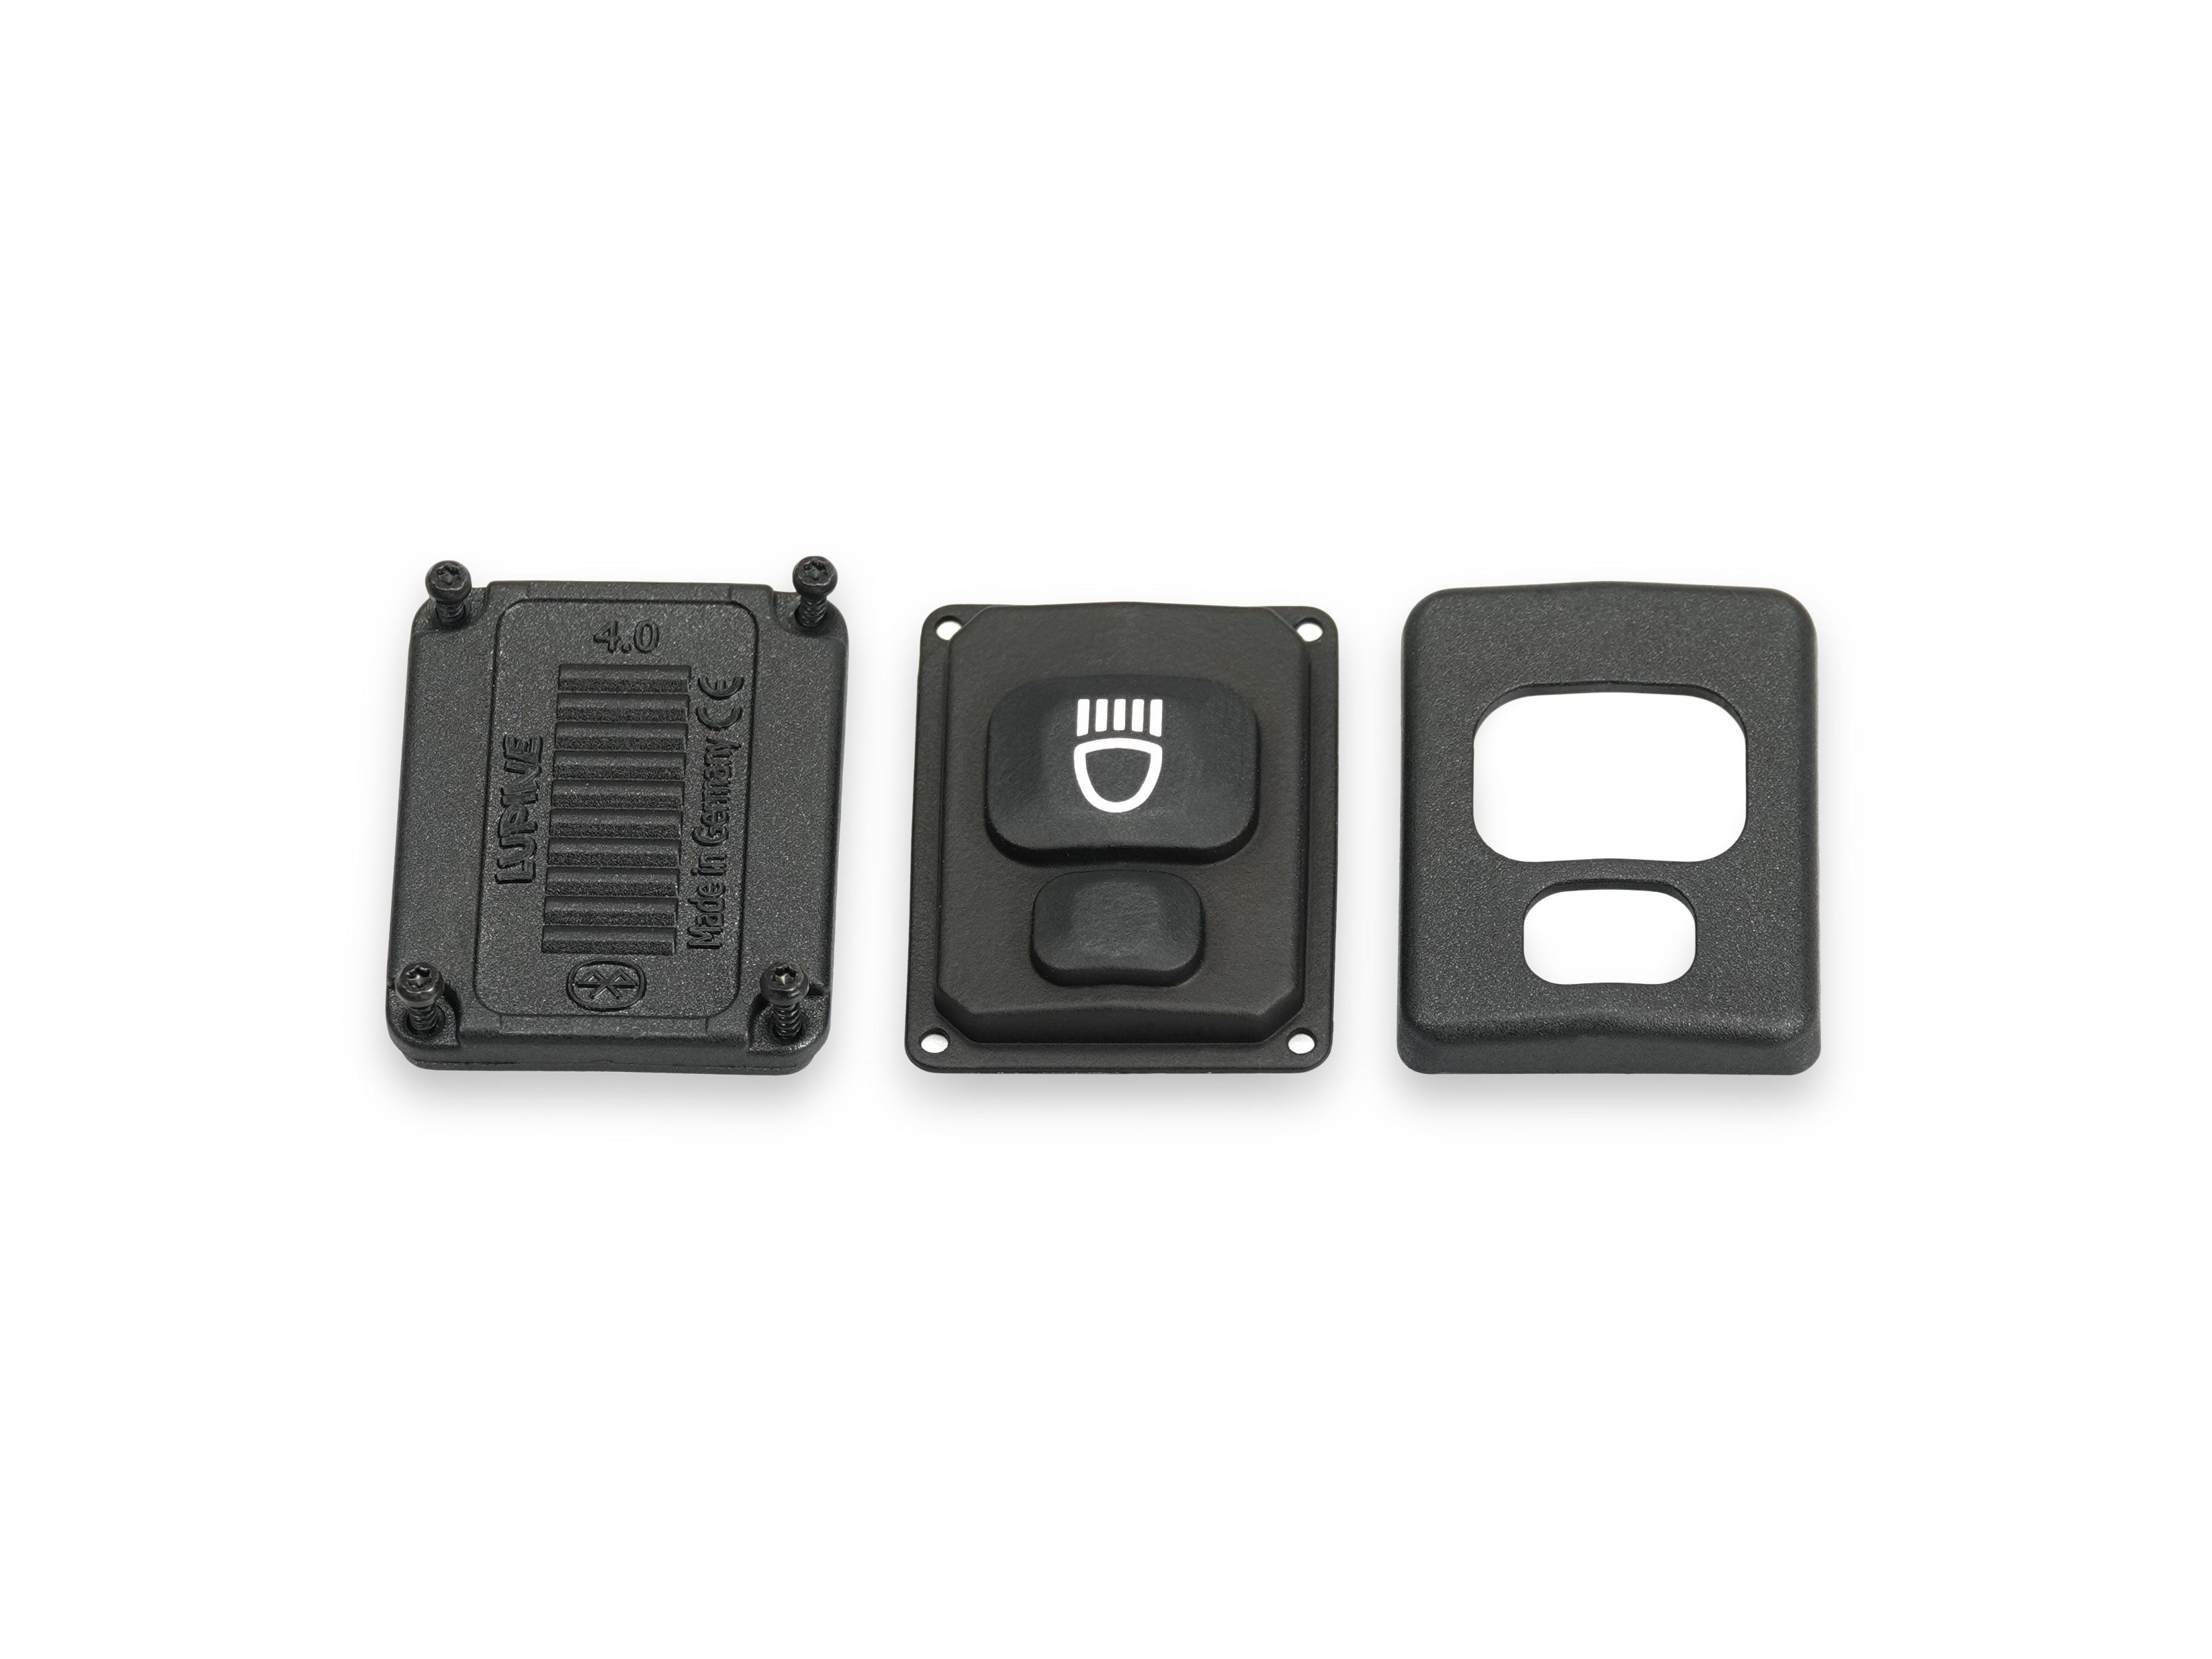 Leergehäuse Bluetooth Fernbedienung SL